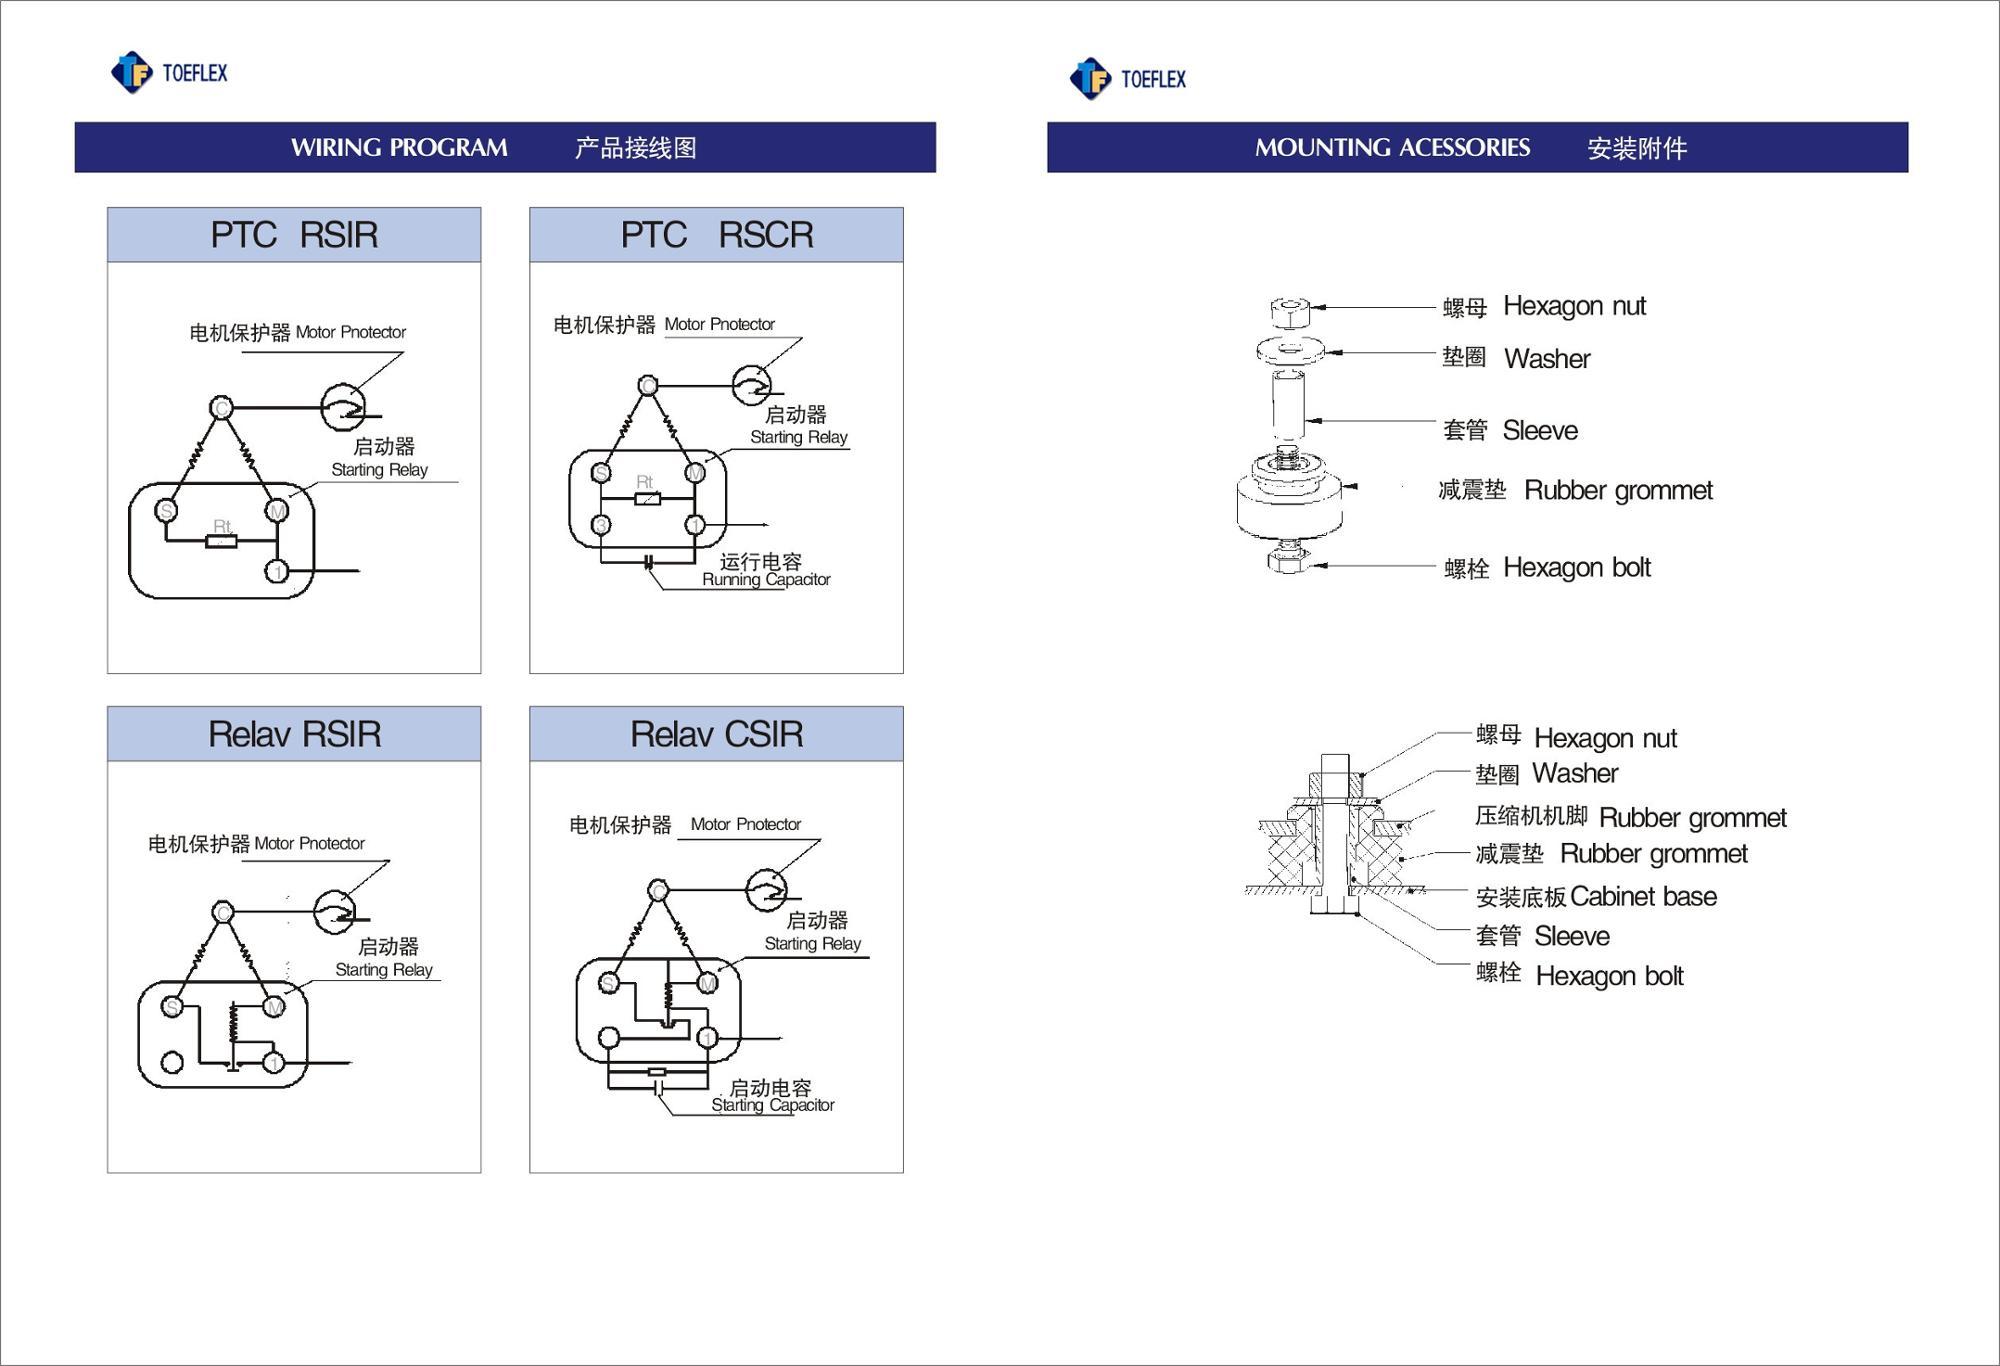 Sichuan Toeflex R134a R600a R290 Compressor For Dehumidifier Buy Wiring Diagram Program